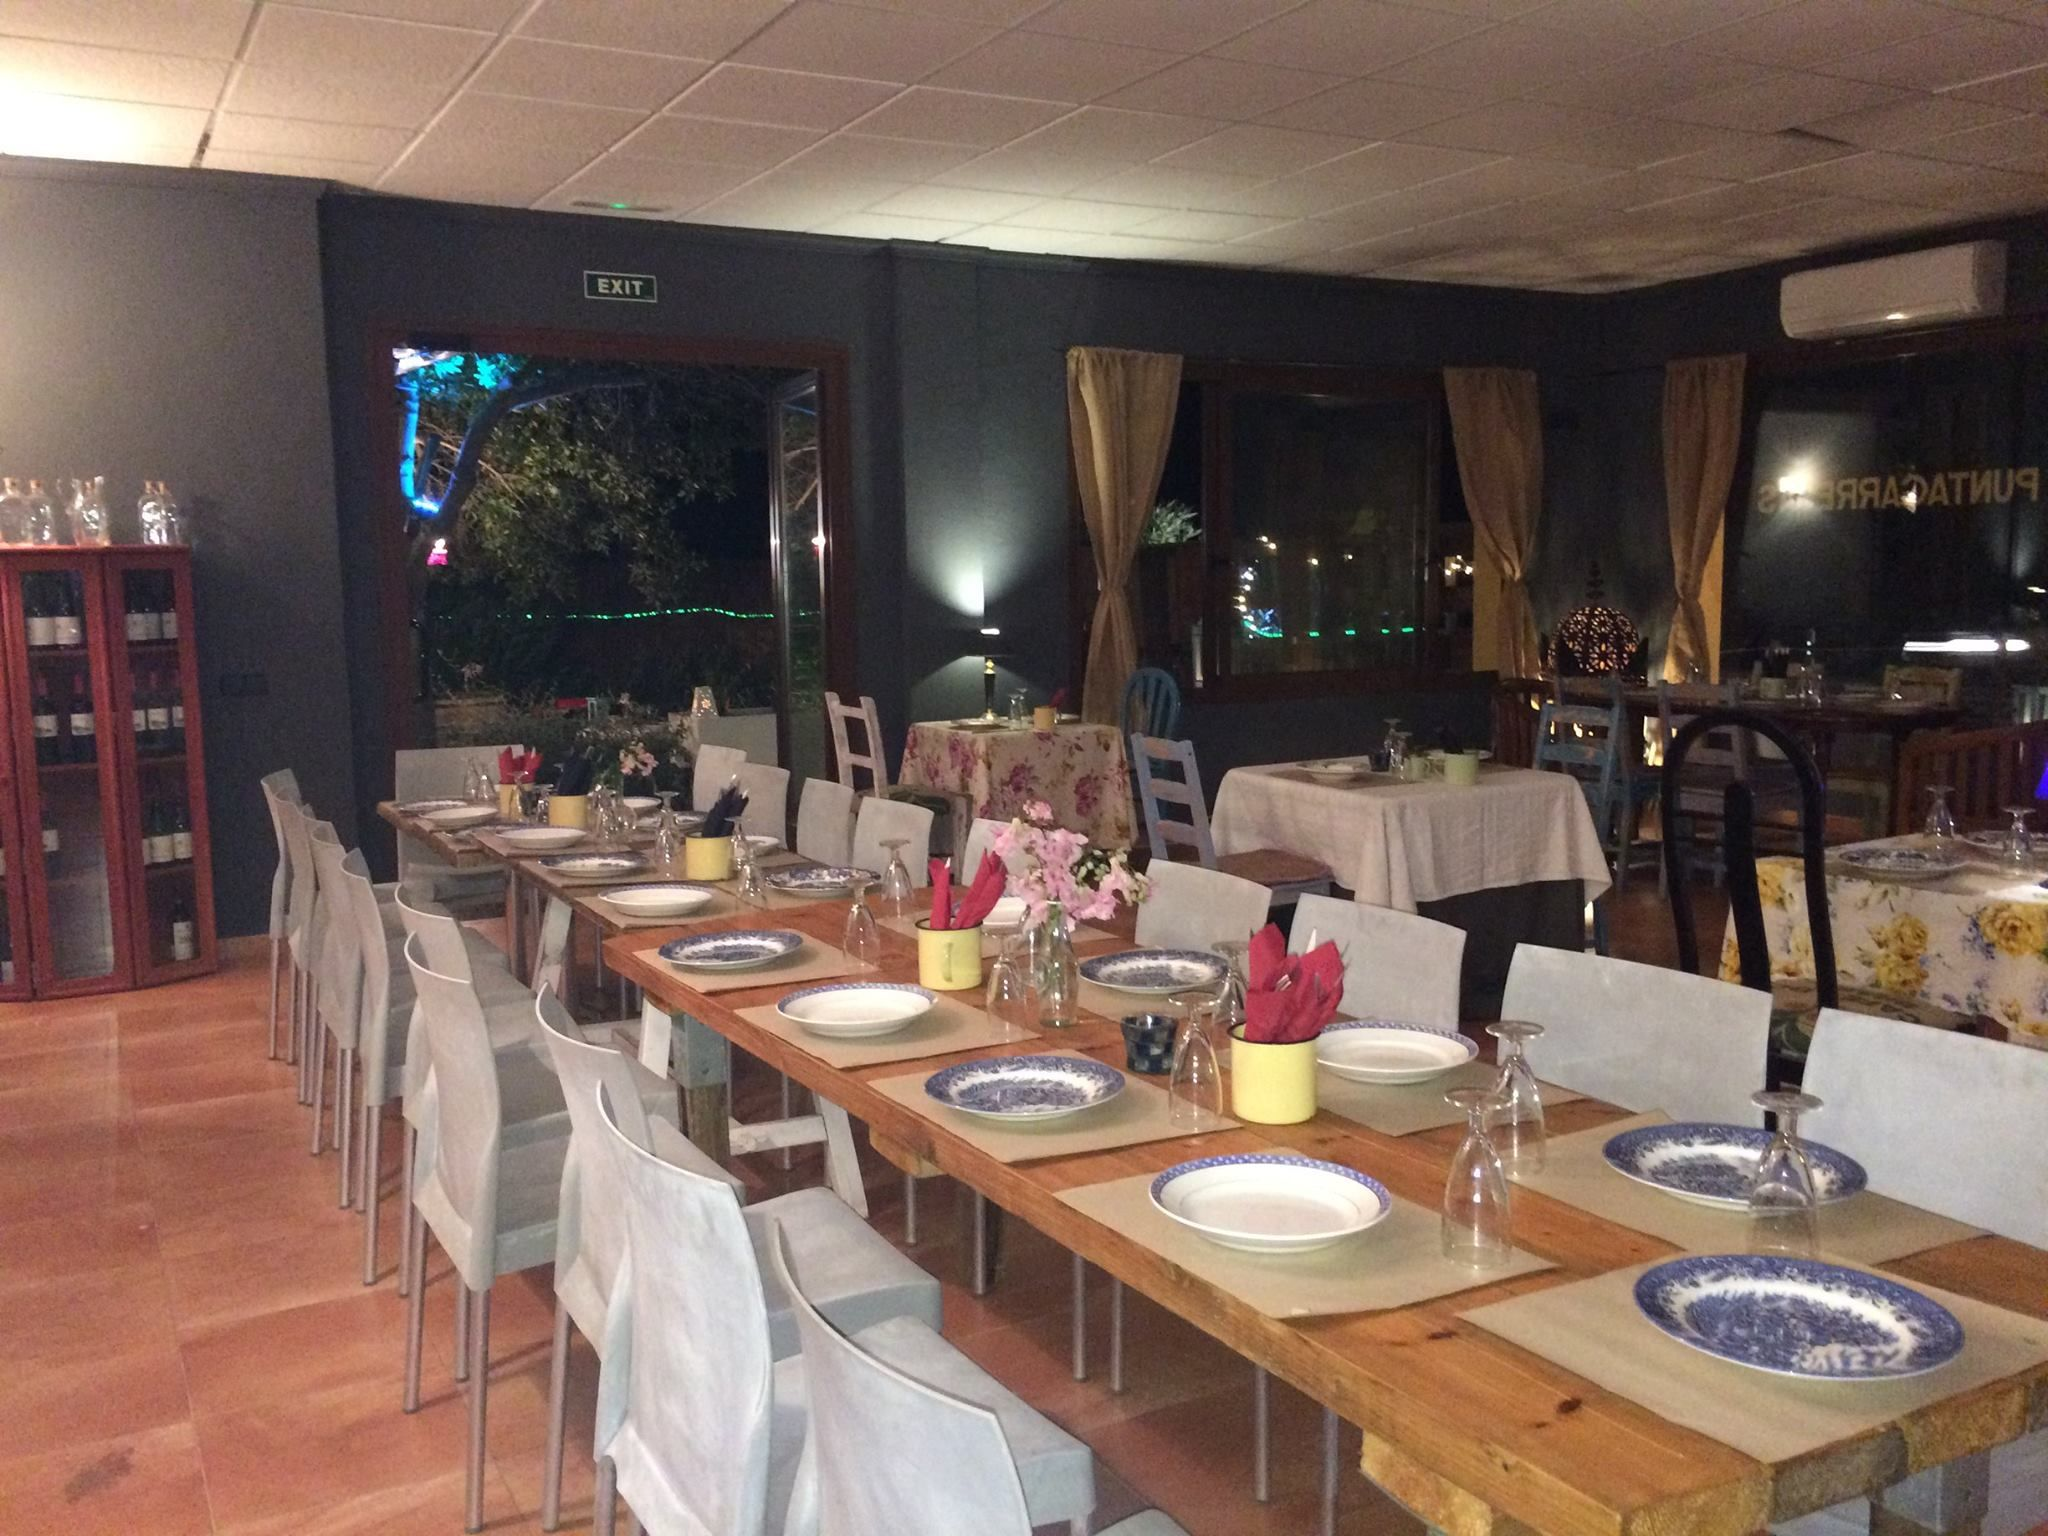 Comidas y cenas para grupos: Carta-Reservas-Eventos de Restaurante Parrilla con huerto propio